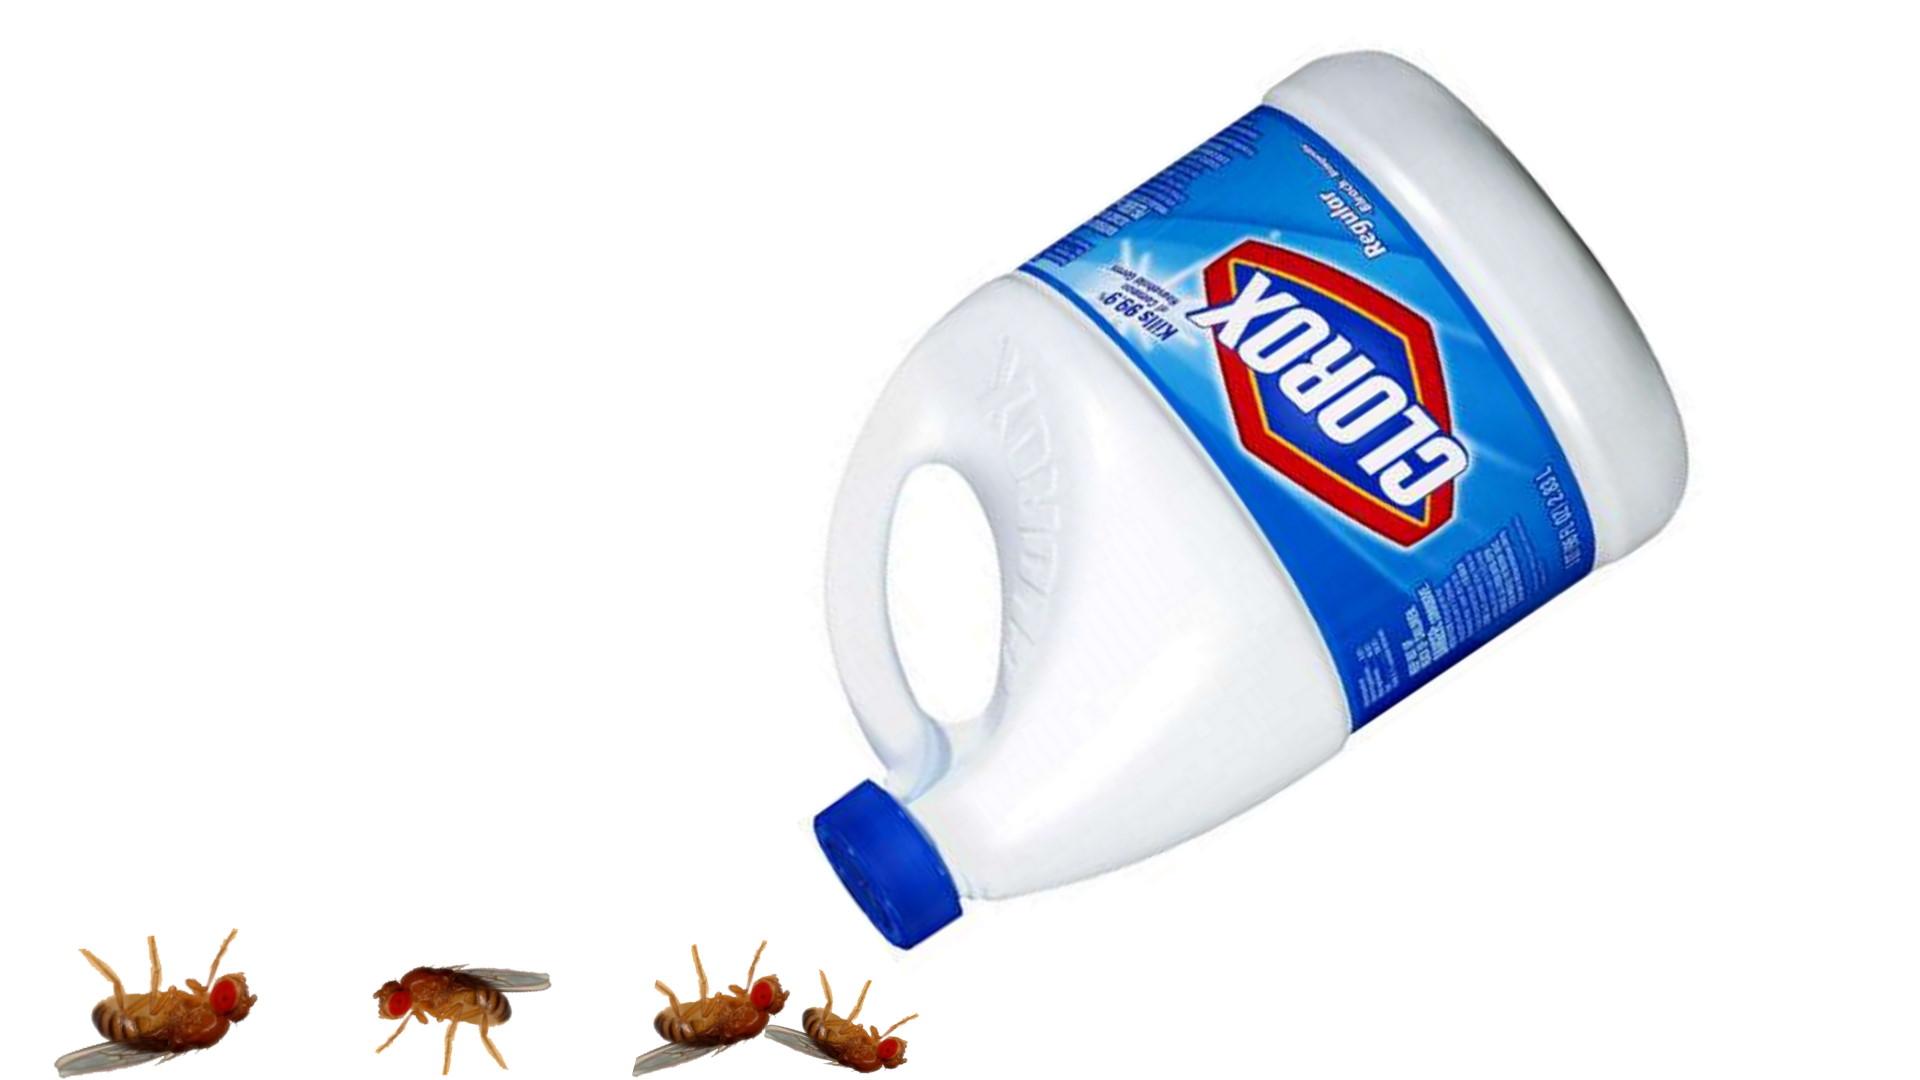 bleach kill fruit flies